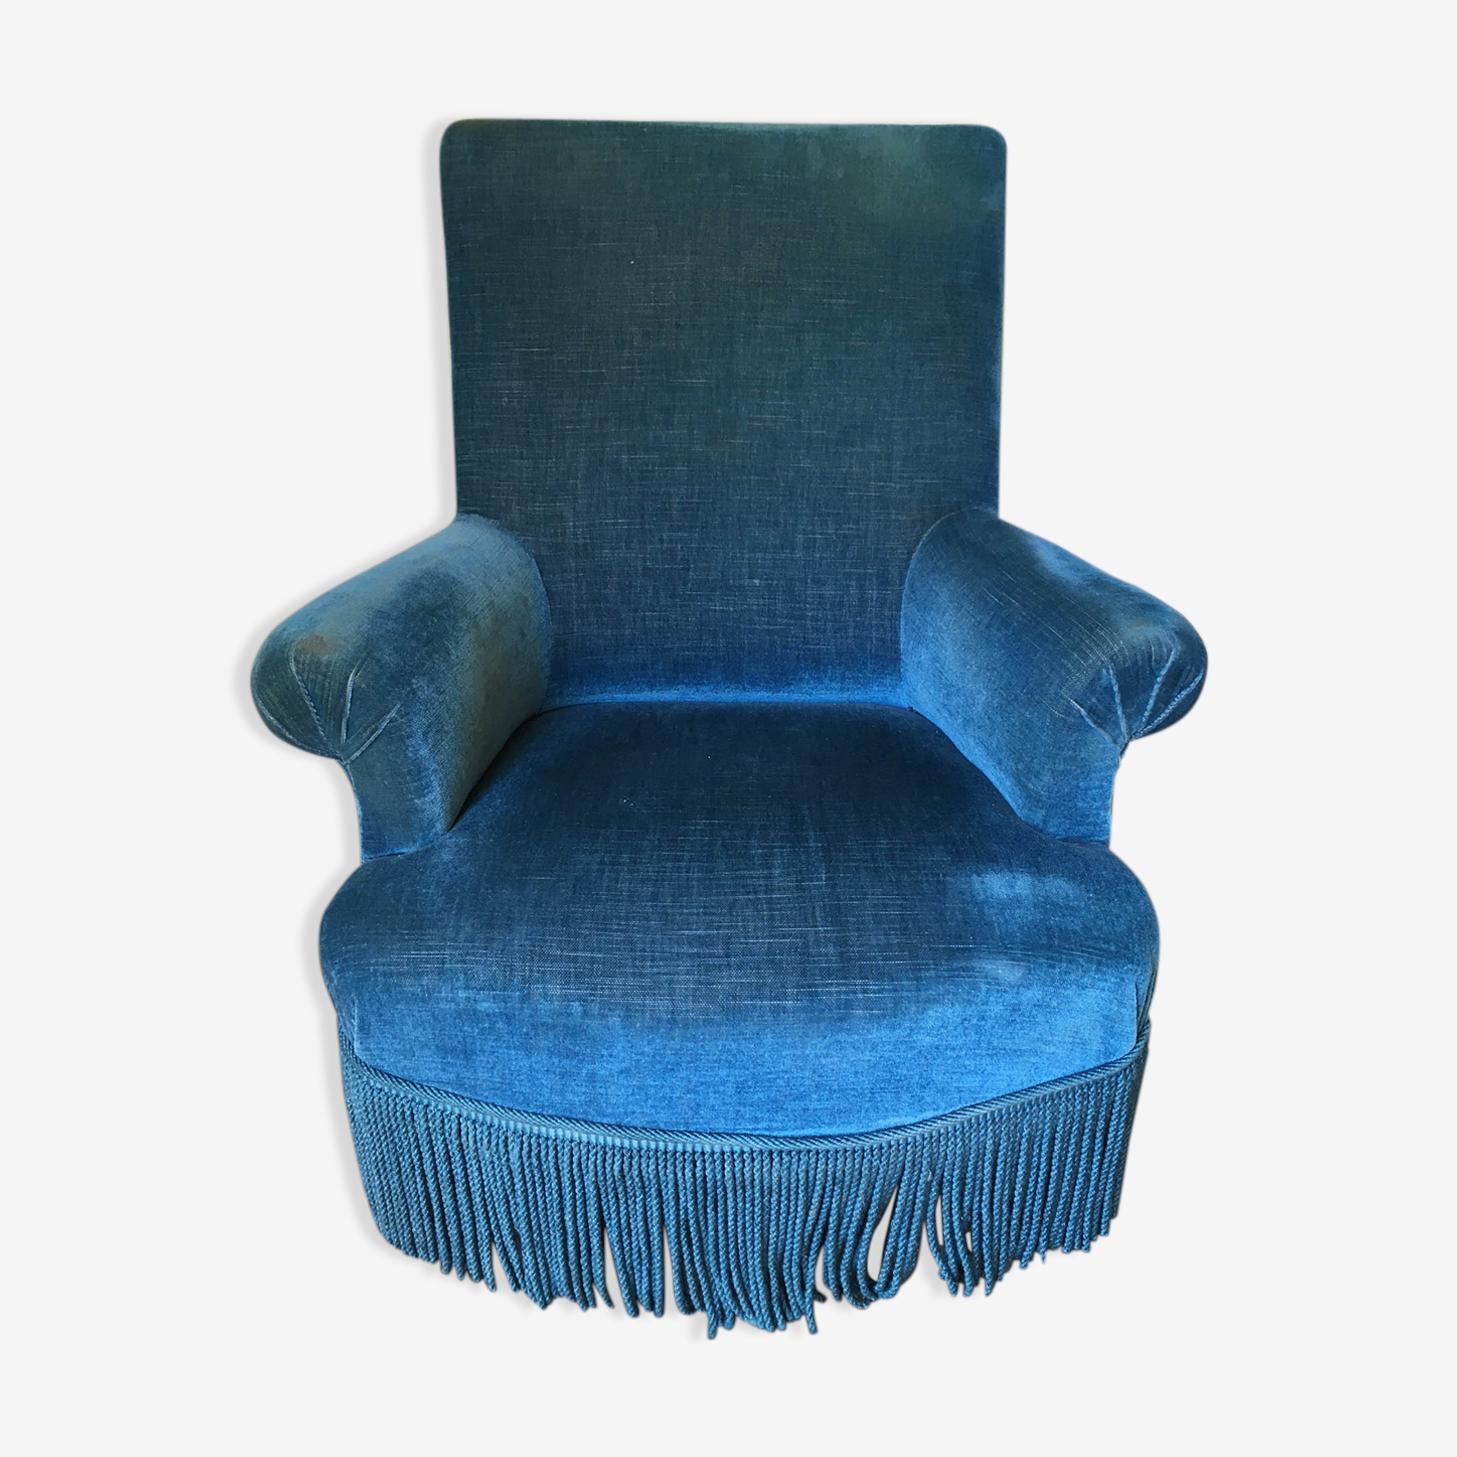 Fauteuil crapaud bleu canard